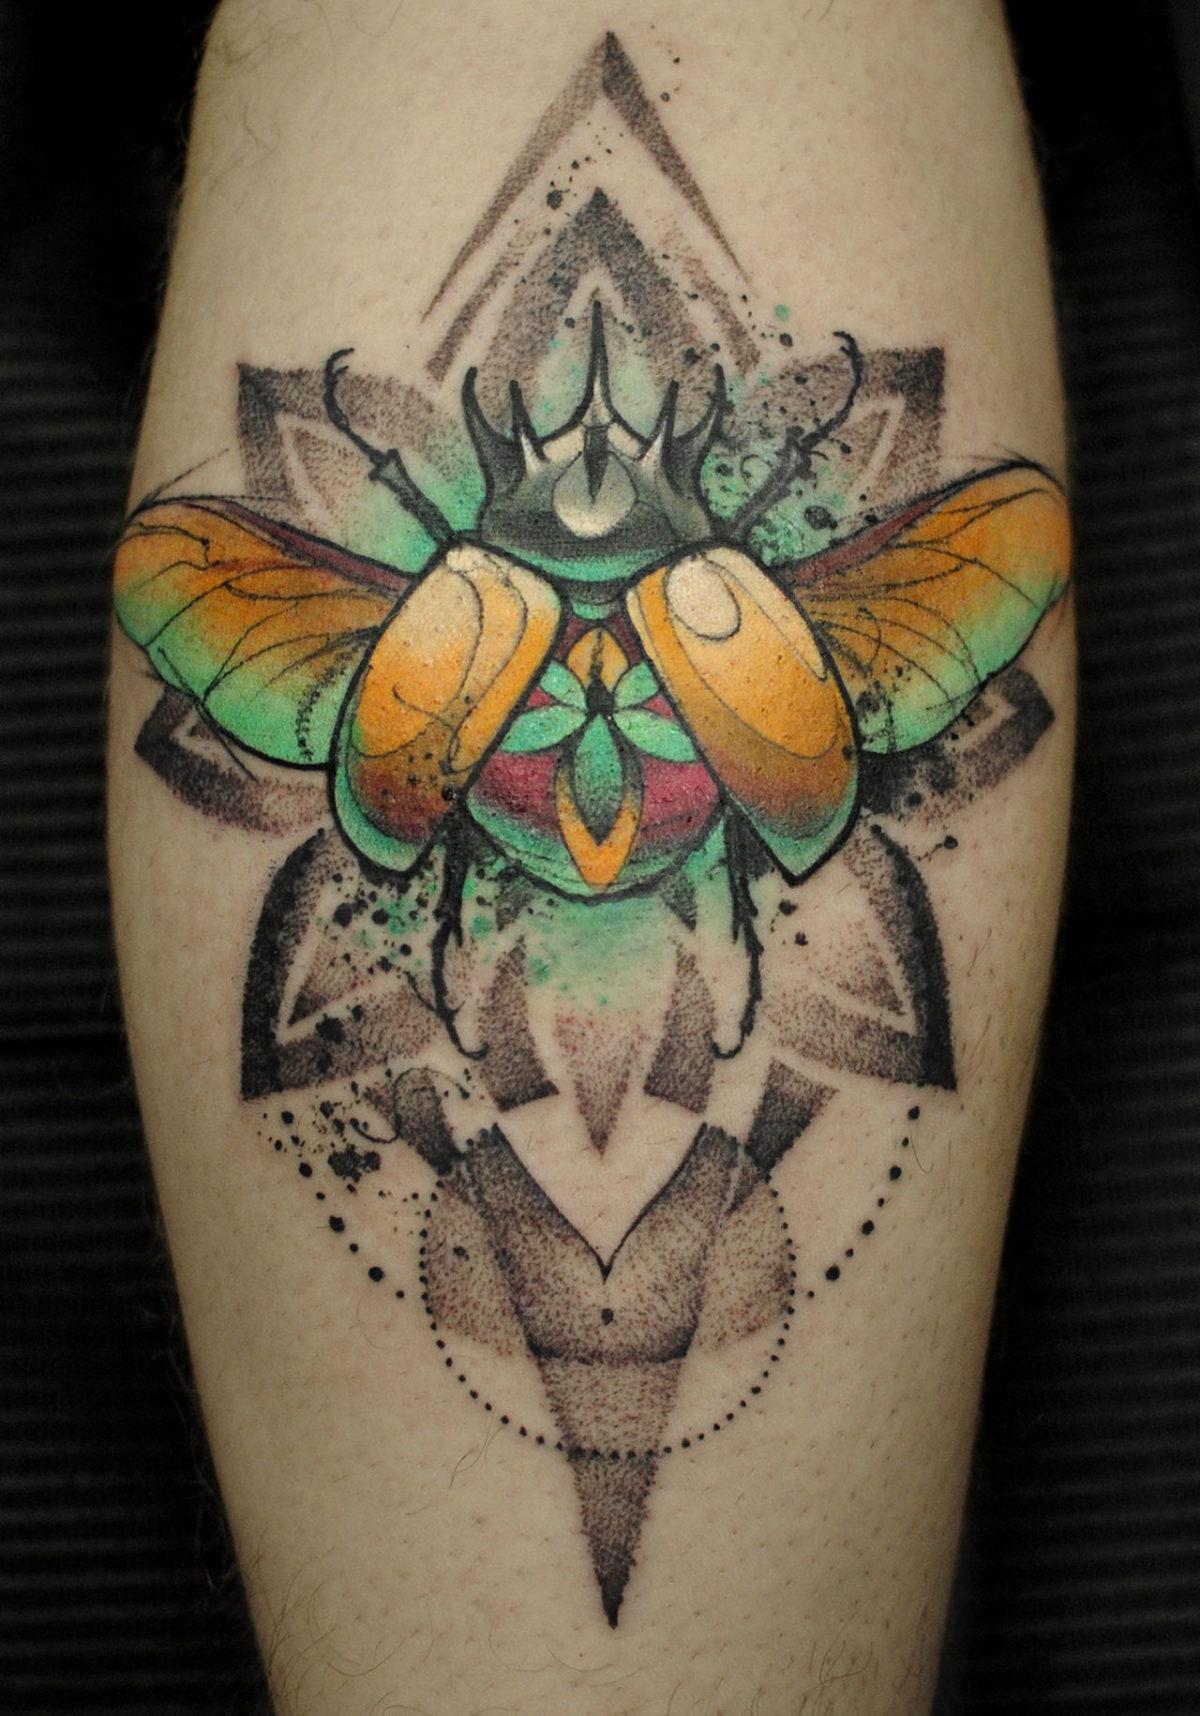 62 Ideas de Tatuajes de Escarabajos (+Significados) 54